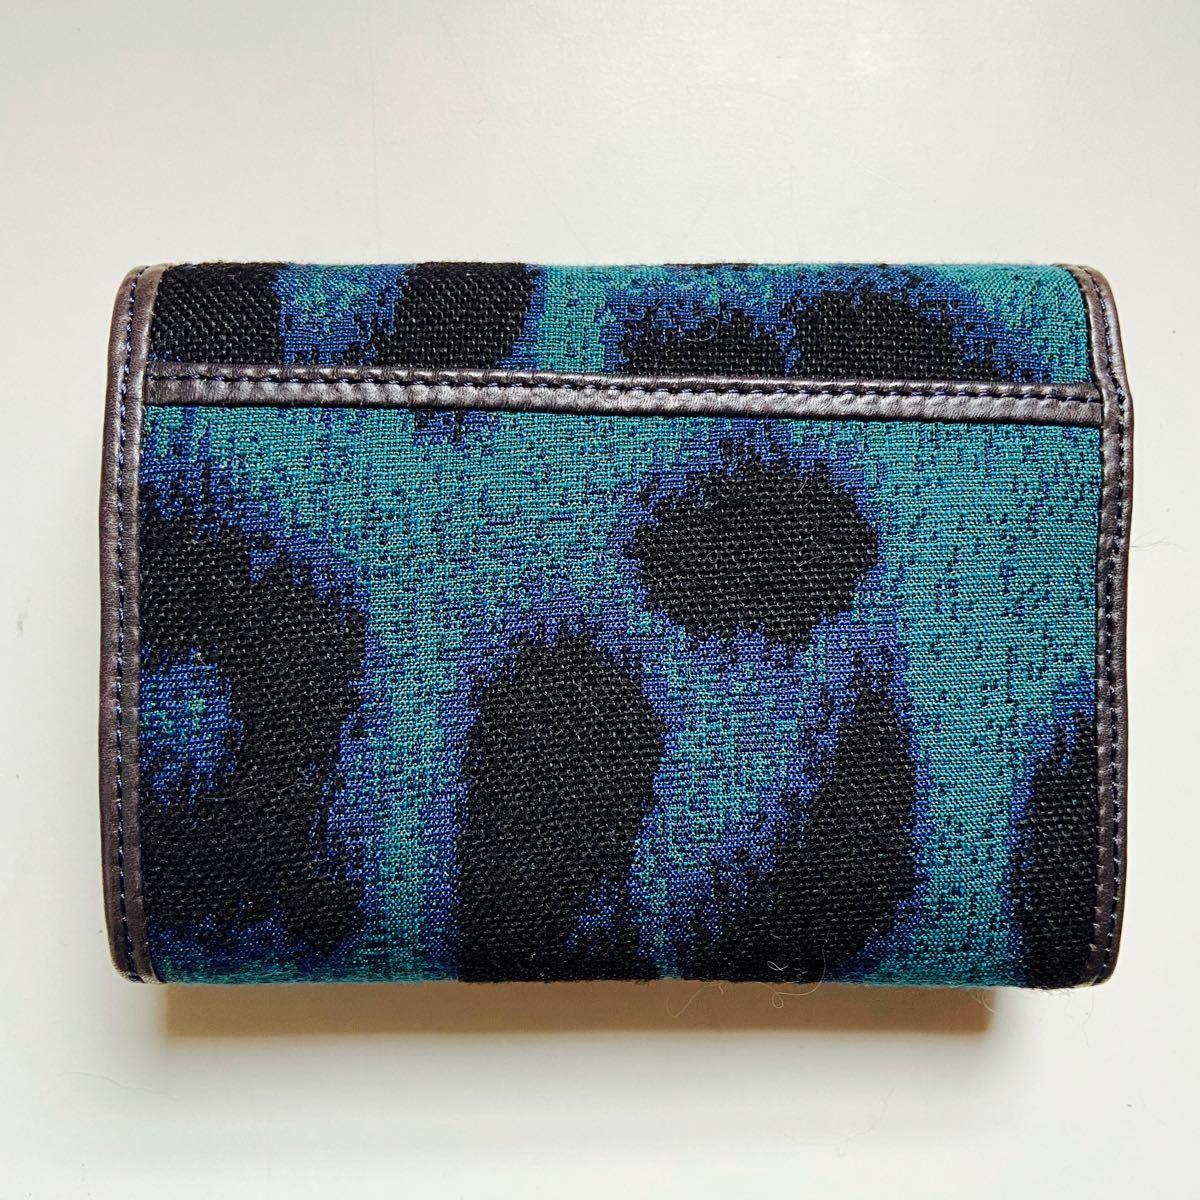 ヴィヴィアンウエストウッド Vivienne Westwood 三つ折財布全て